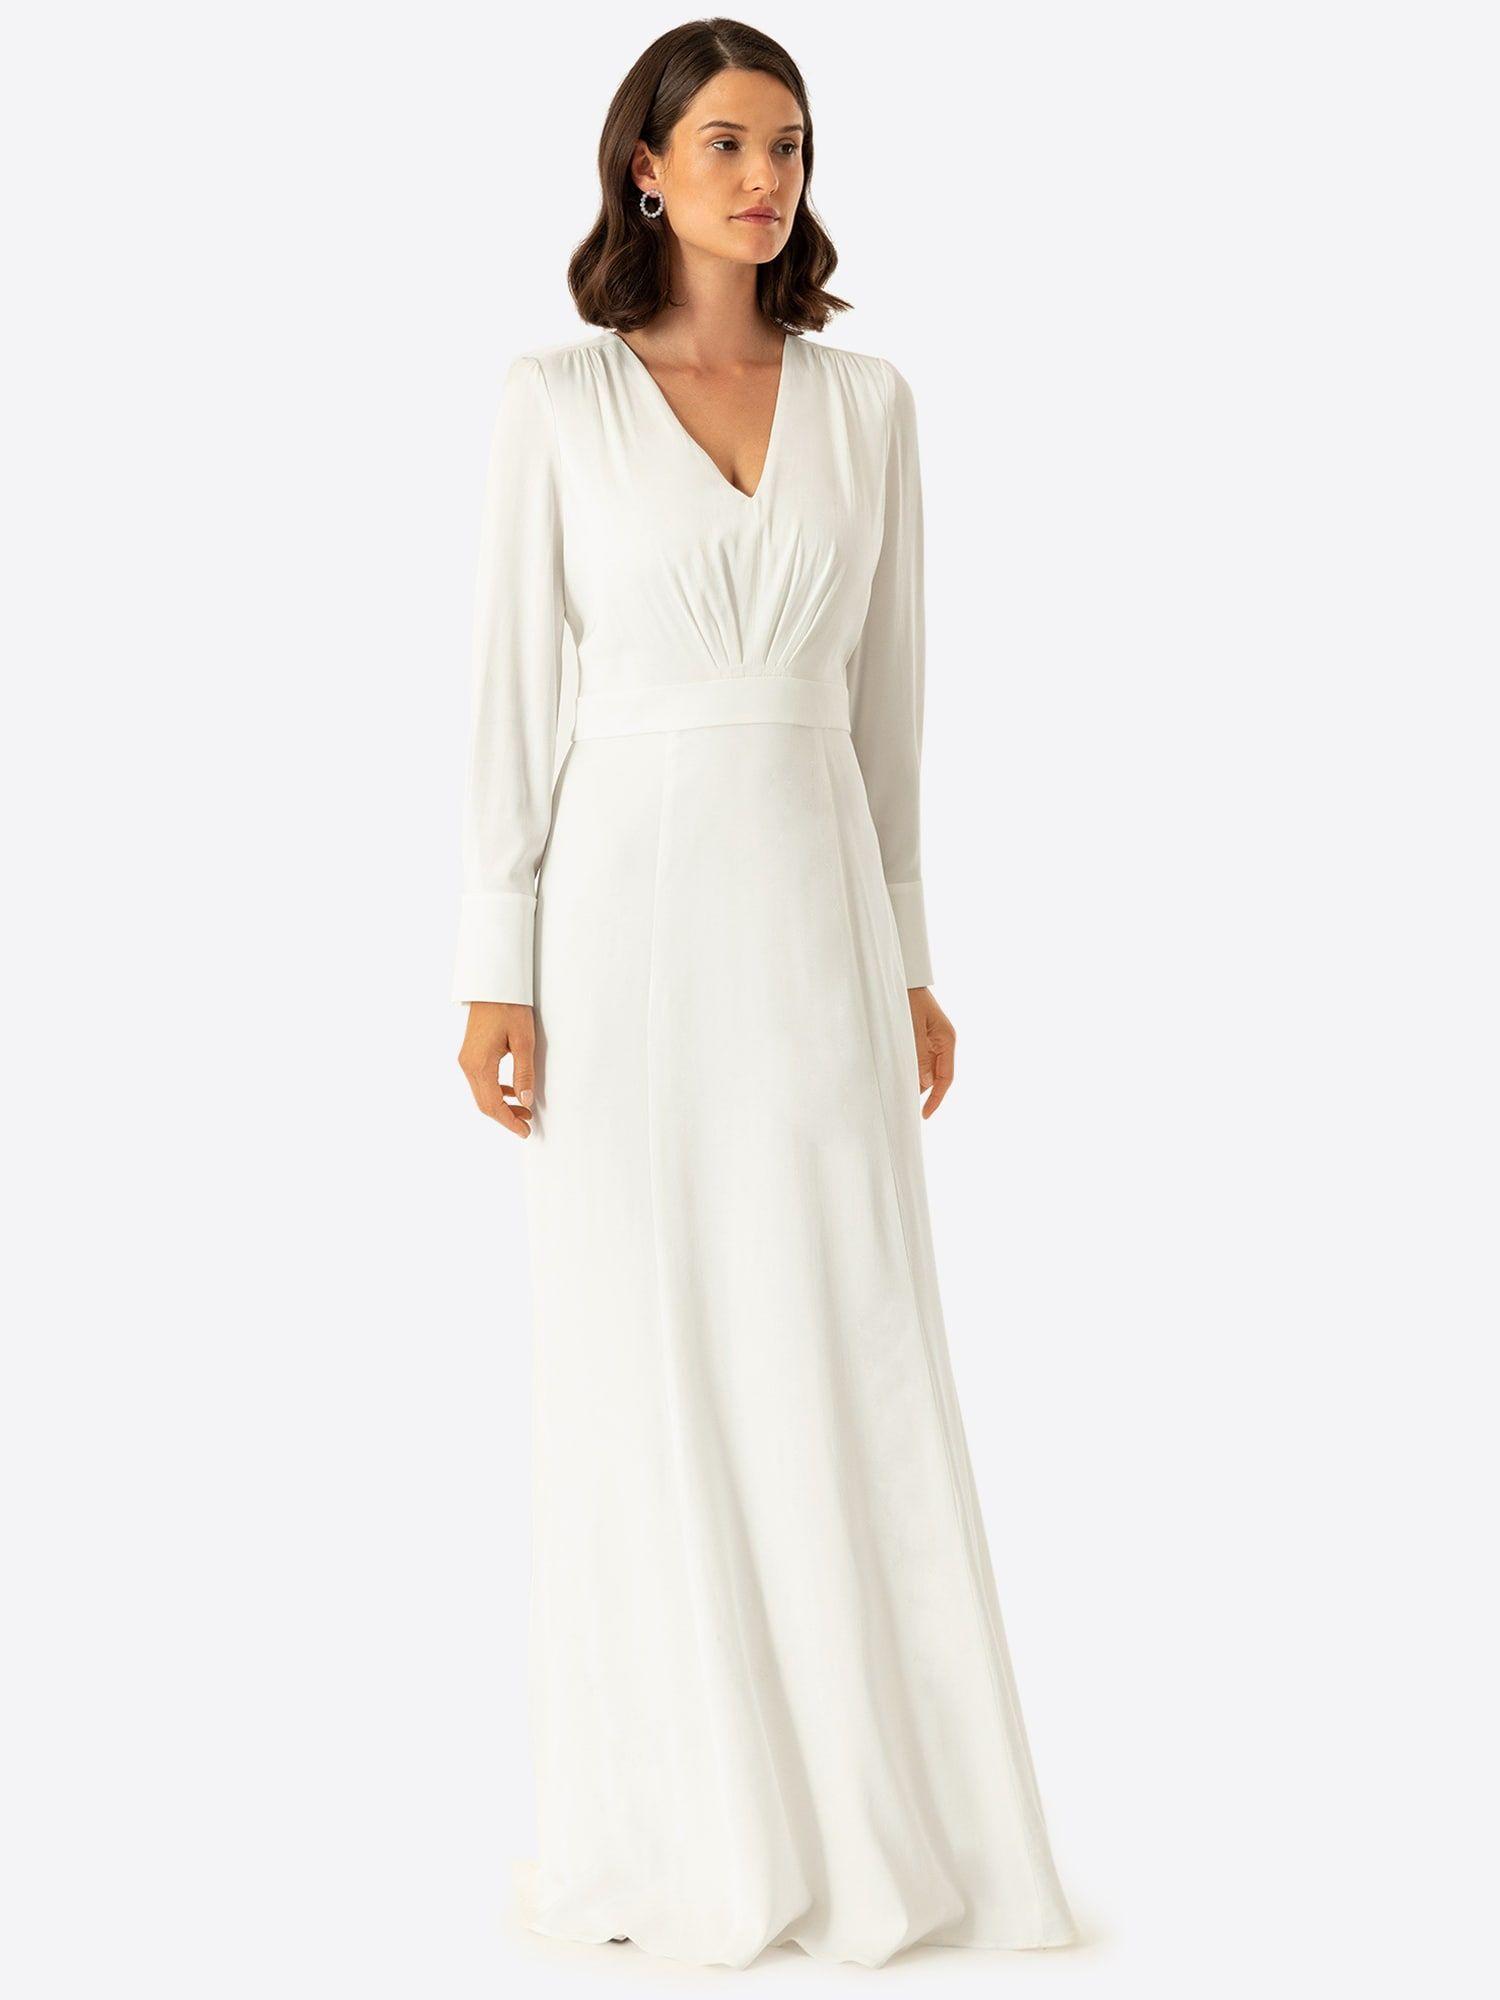 IVY & OAK Kleid Damen, Wollweiß, Größe 36 #asymmetrischerschnitt IVY & OAK Kleid Damen, Wollweiß, Größe 36 #asymmetrischerschnitt